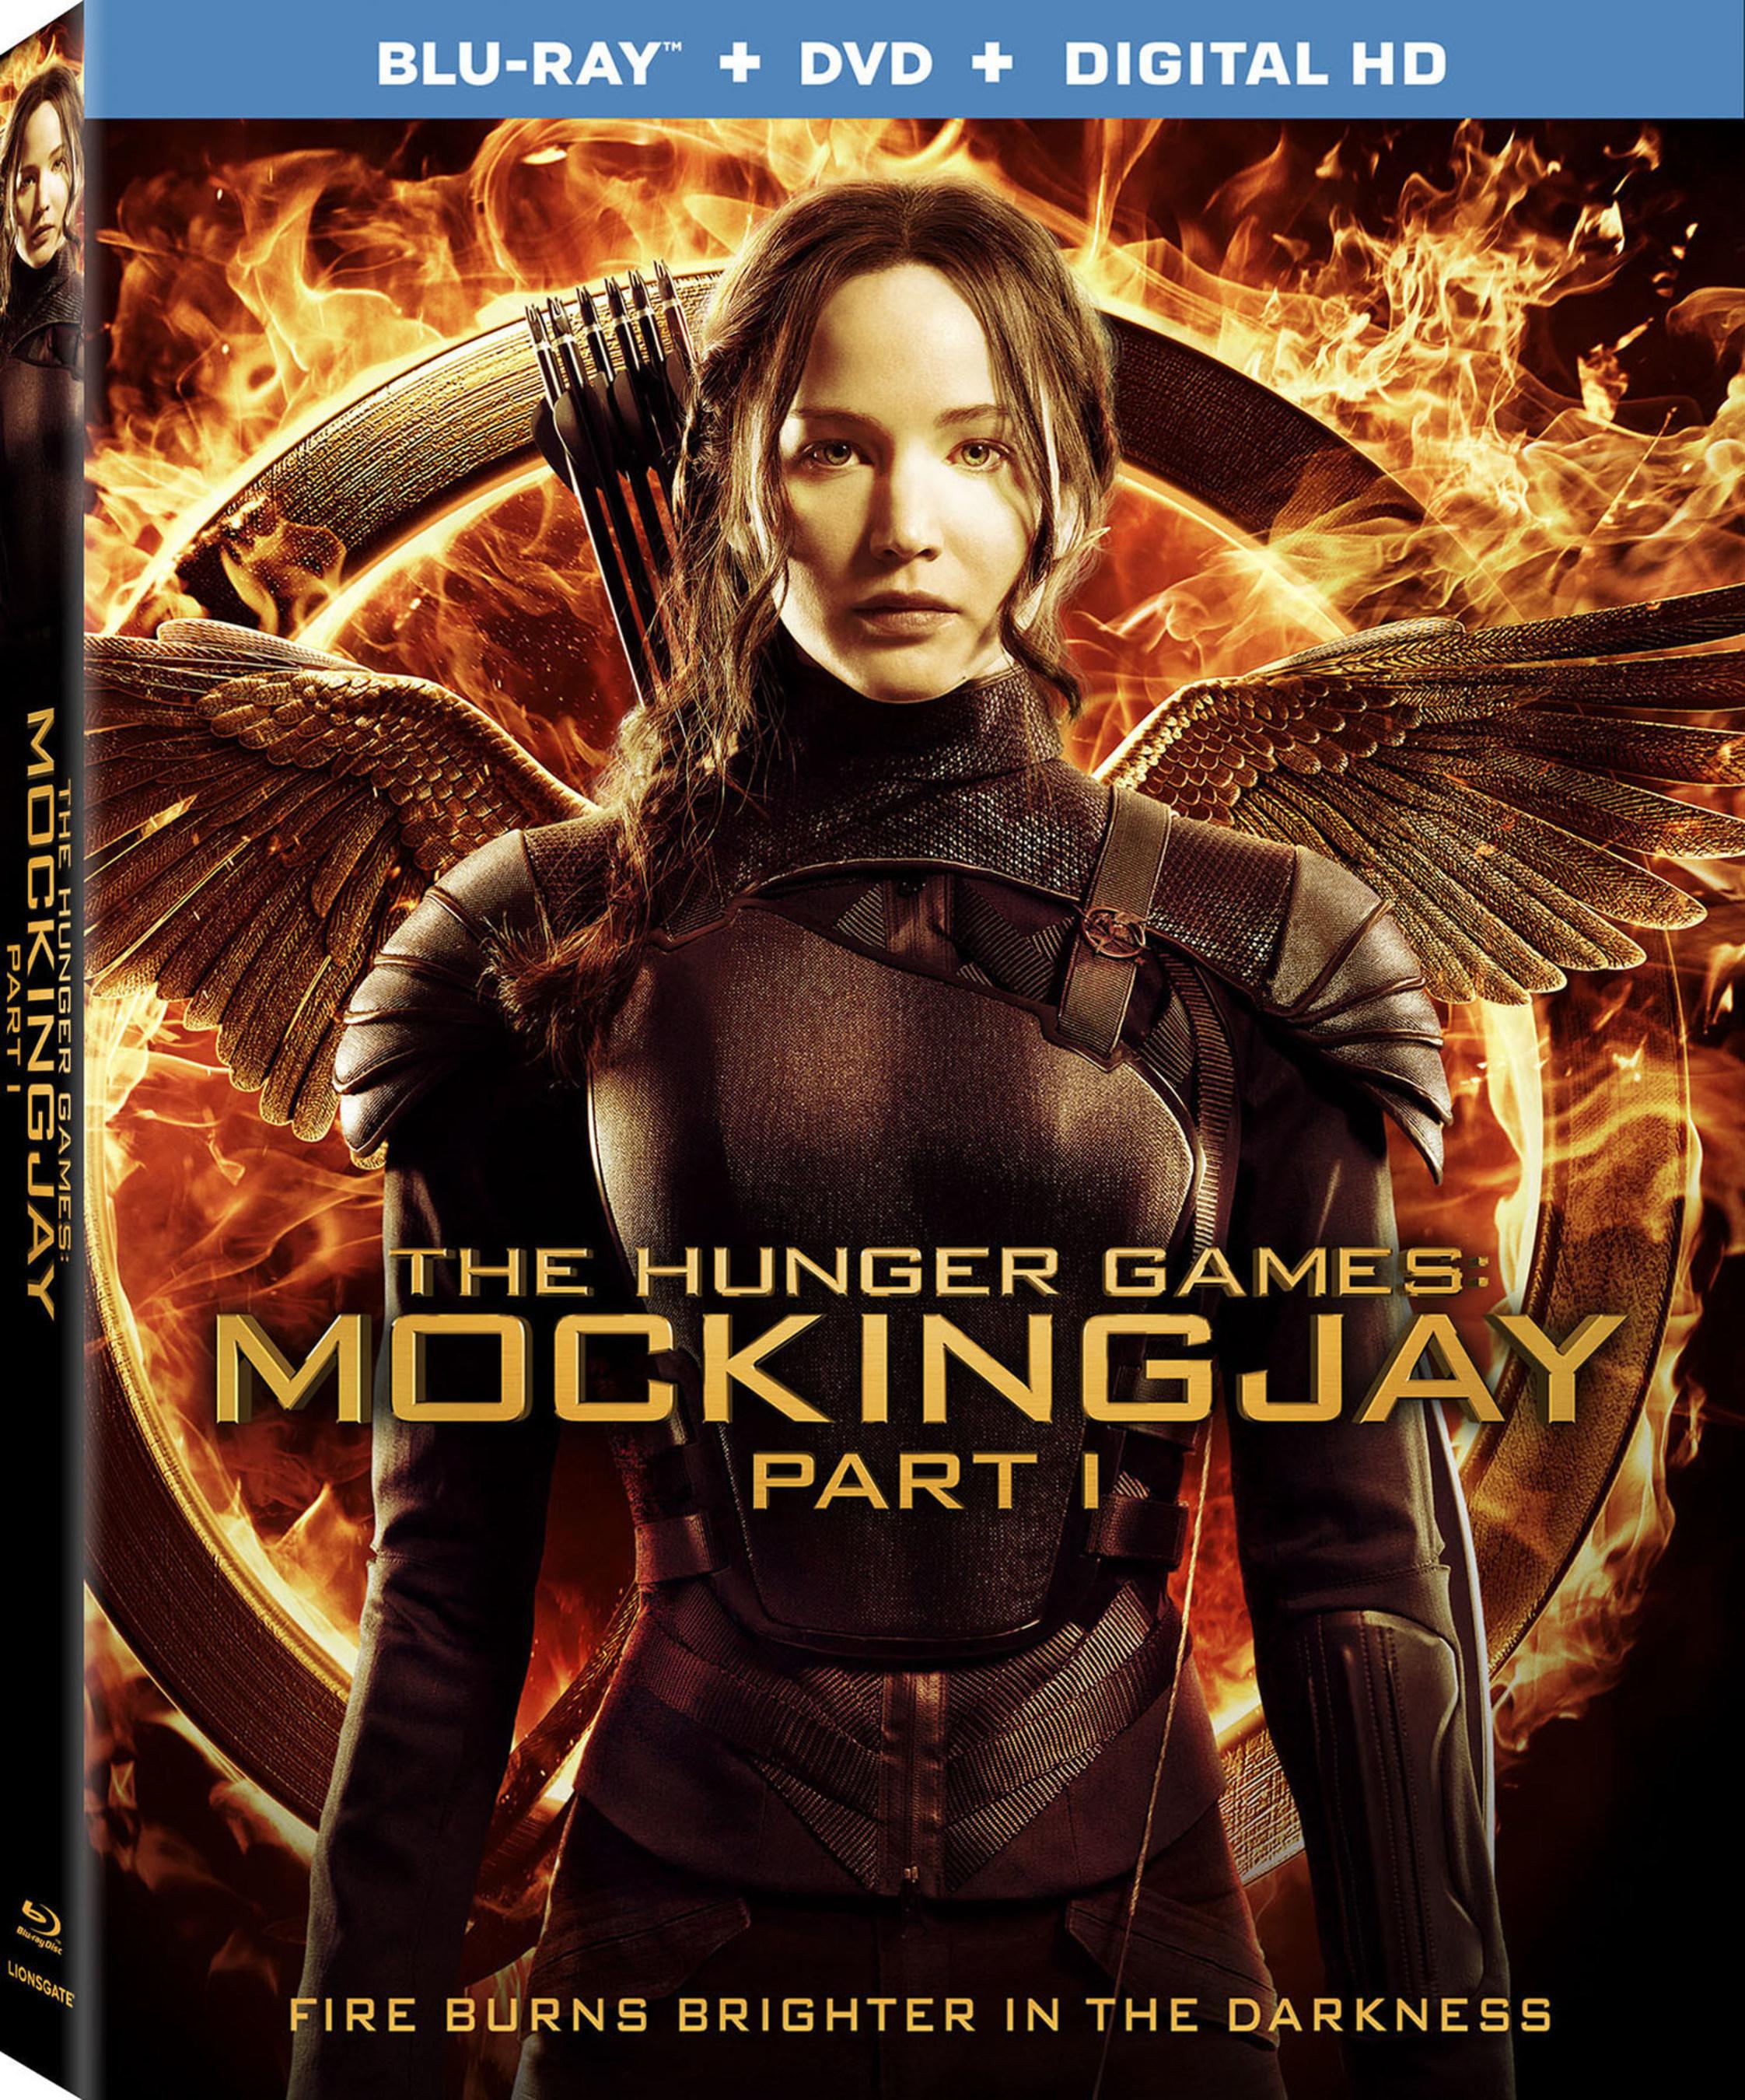 Mockingjay - Part 1 Blu-ray